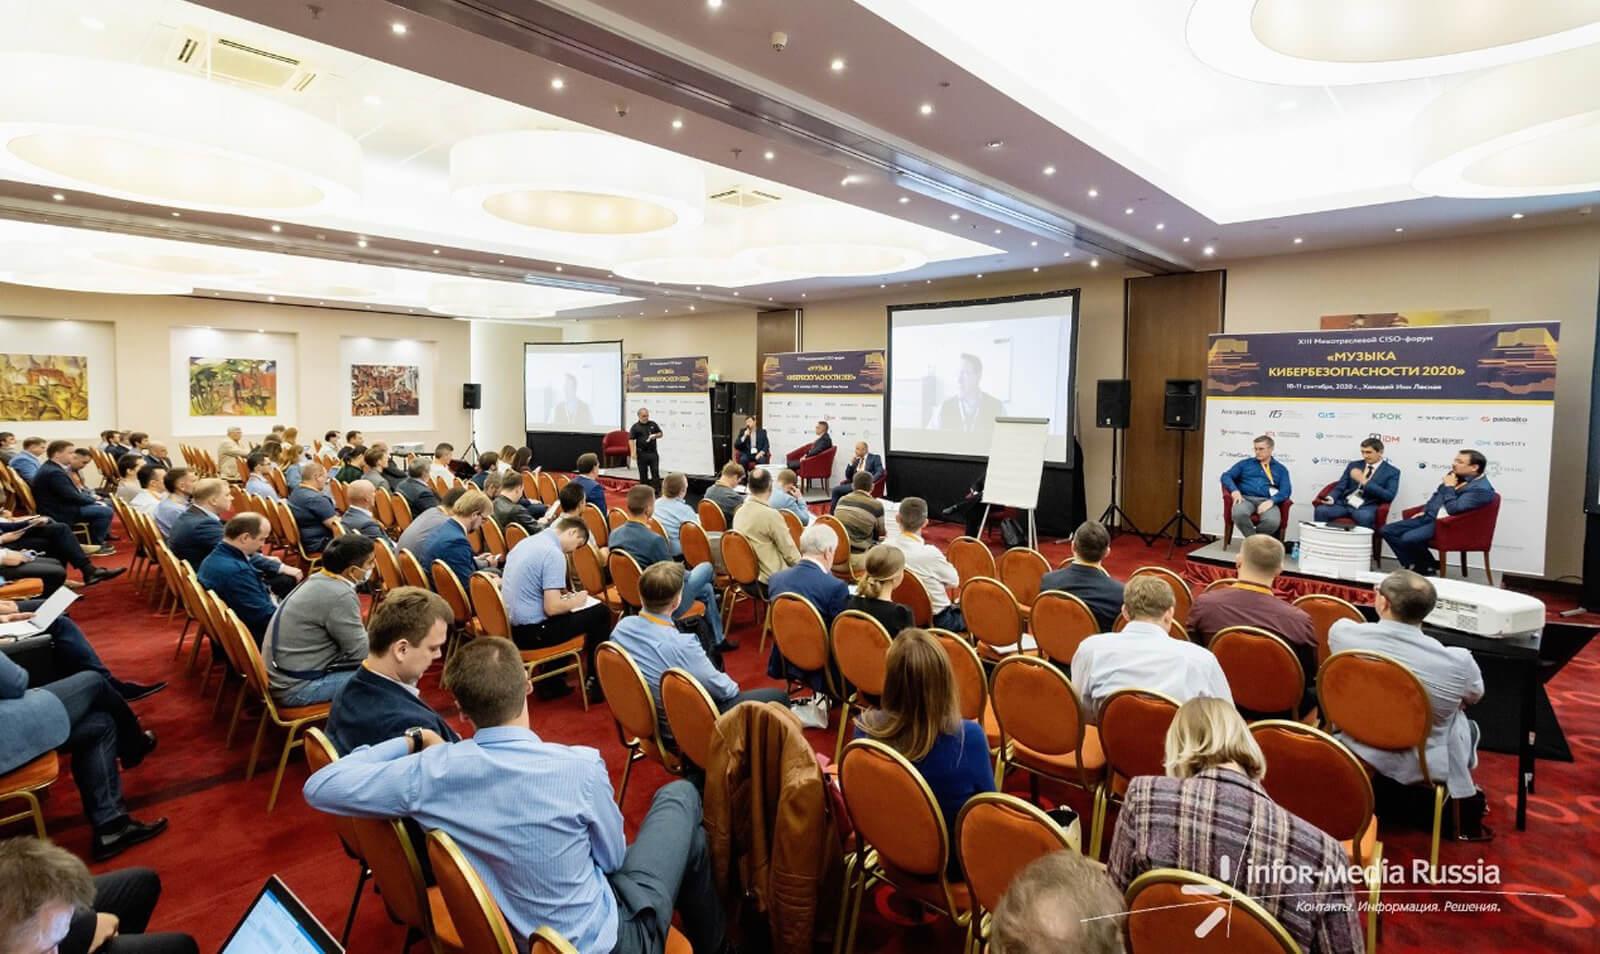 В рамках XIII Межотраслевого CISO-форума в партнерстве с ведущими ИБ-компаниями России с 10 по 11 сентября прошел CISO-форум «Музыка кибербезопасности 2020».